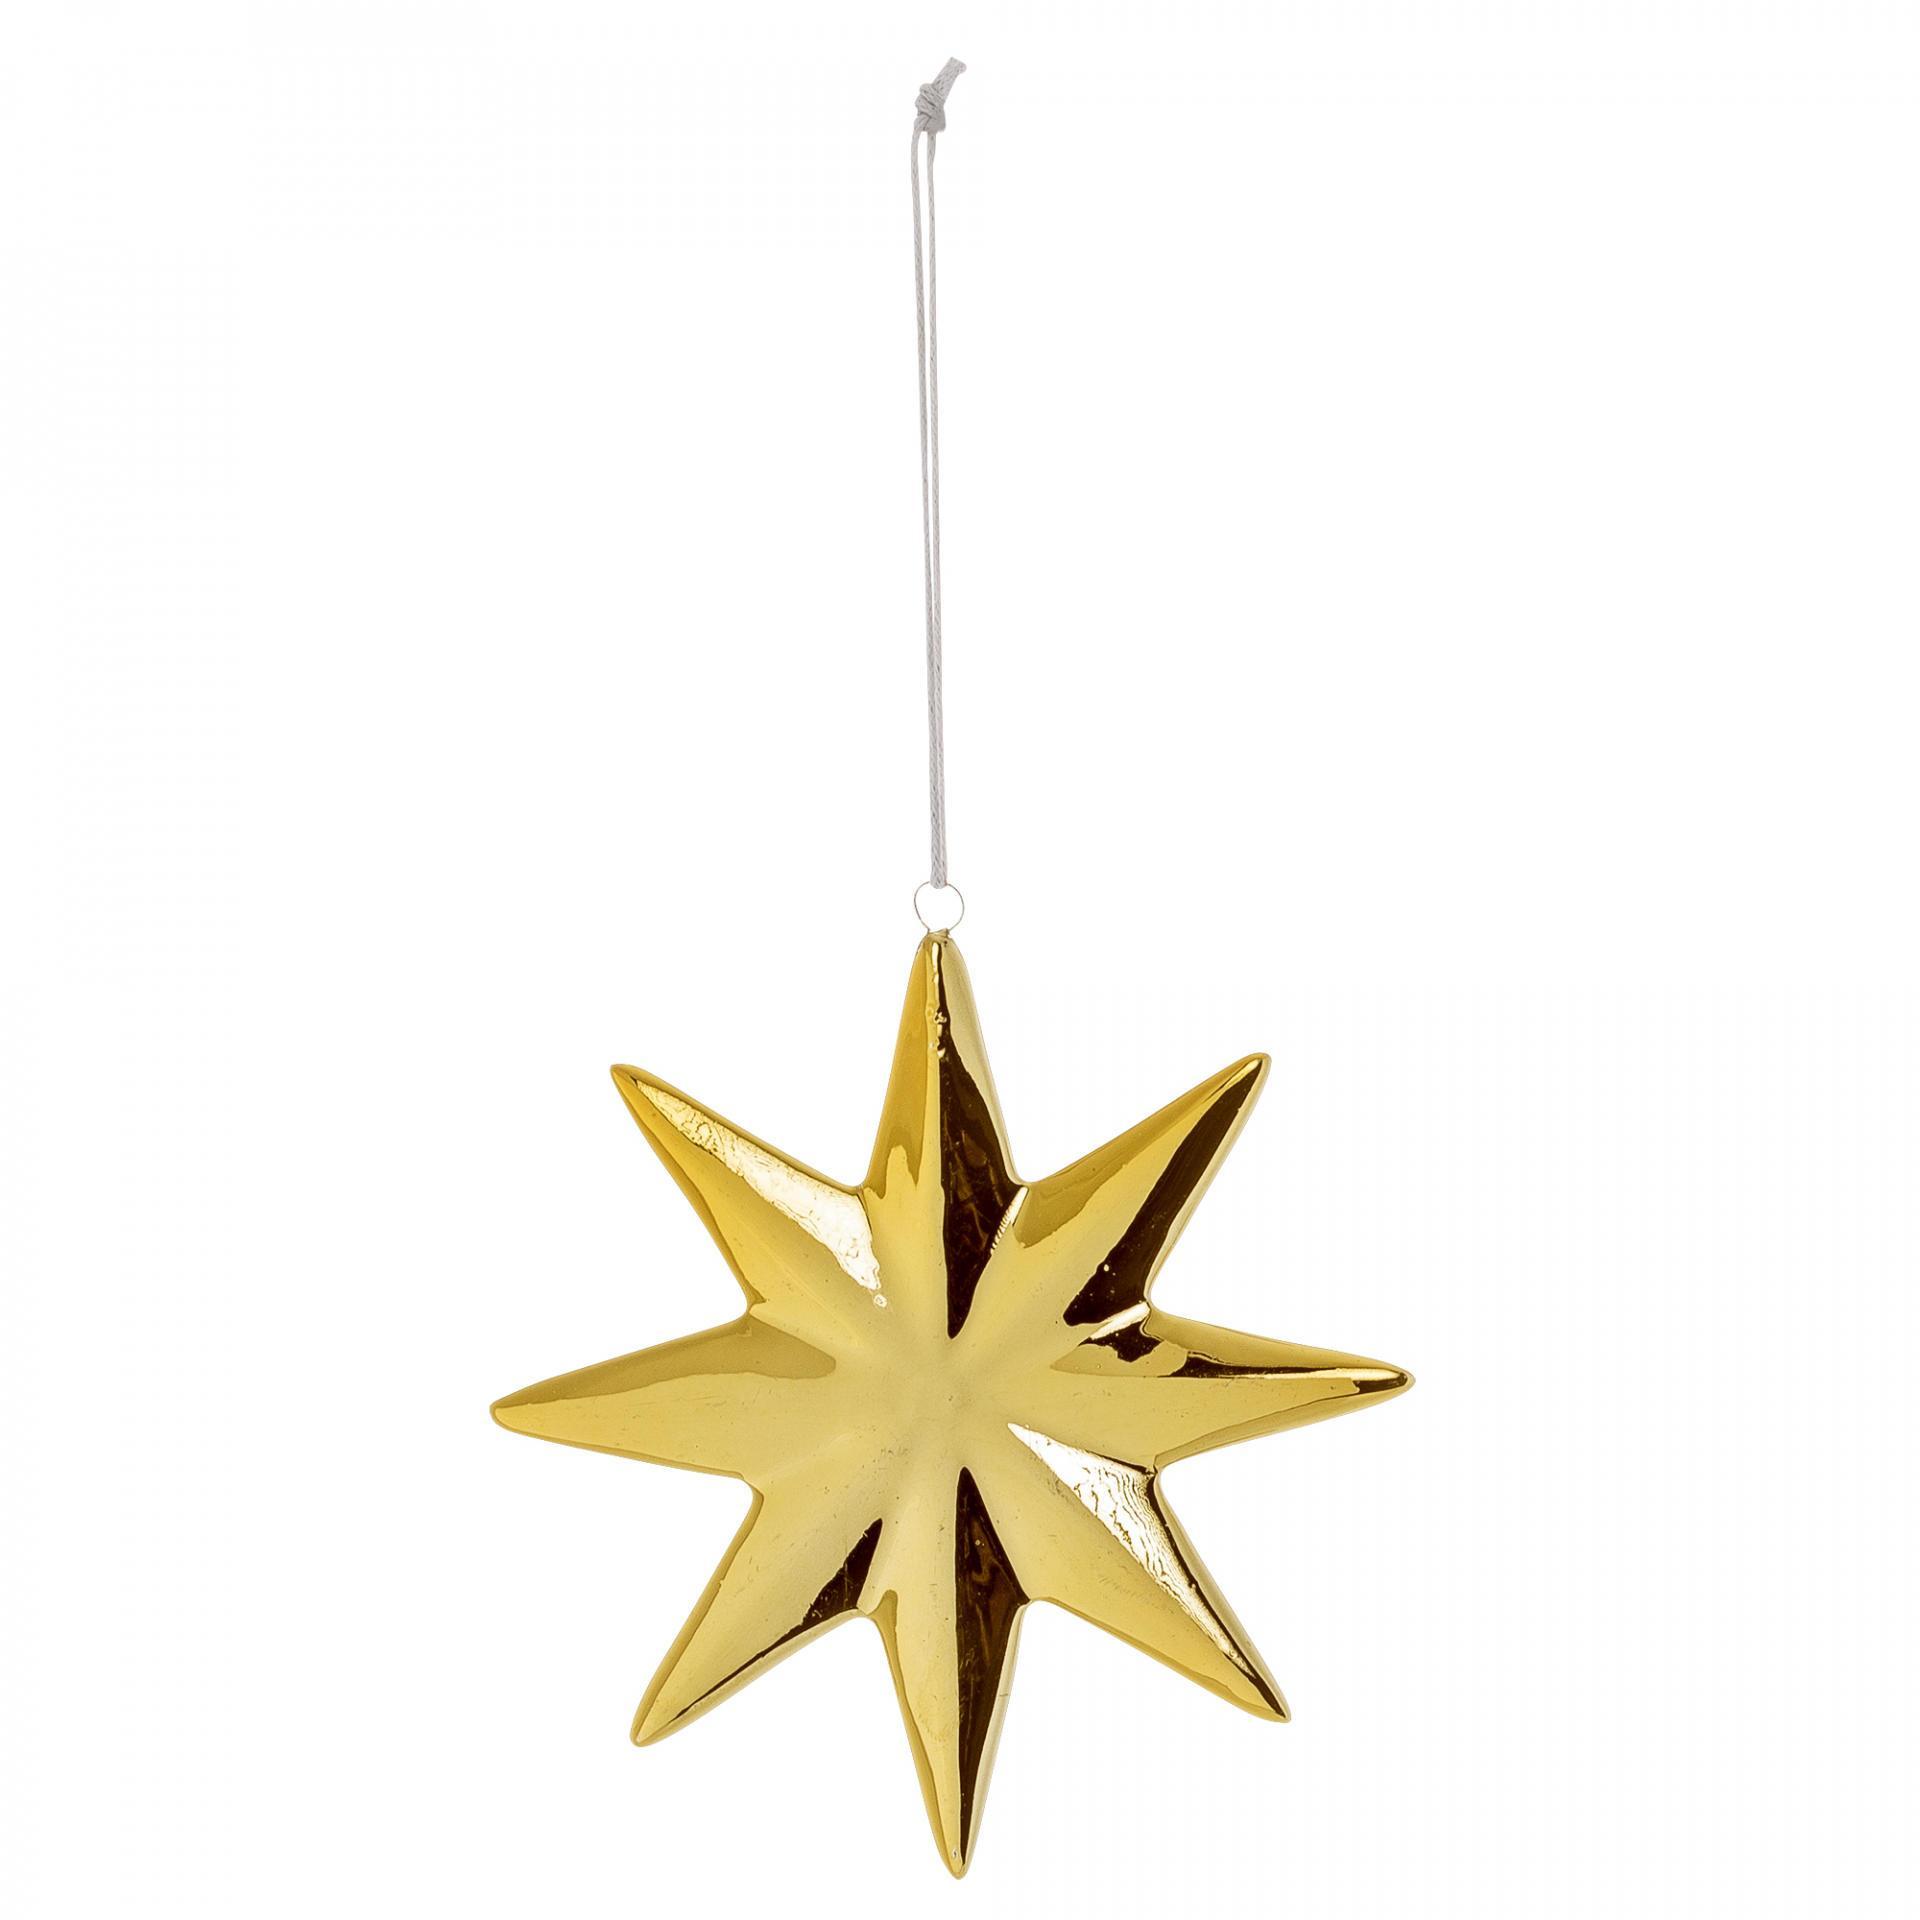 Bloomingville Vánoční ozdoba Gold Star Porcelain, zlatá barva, porcelán